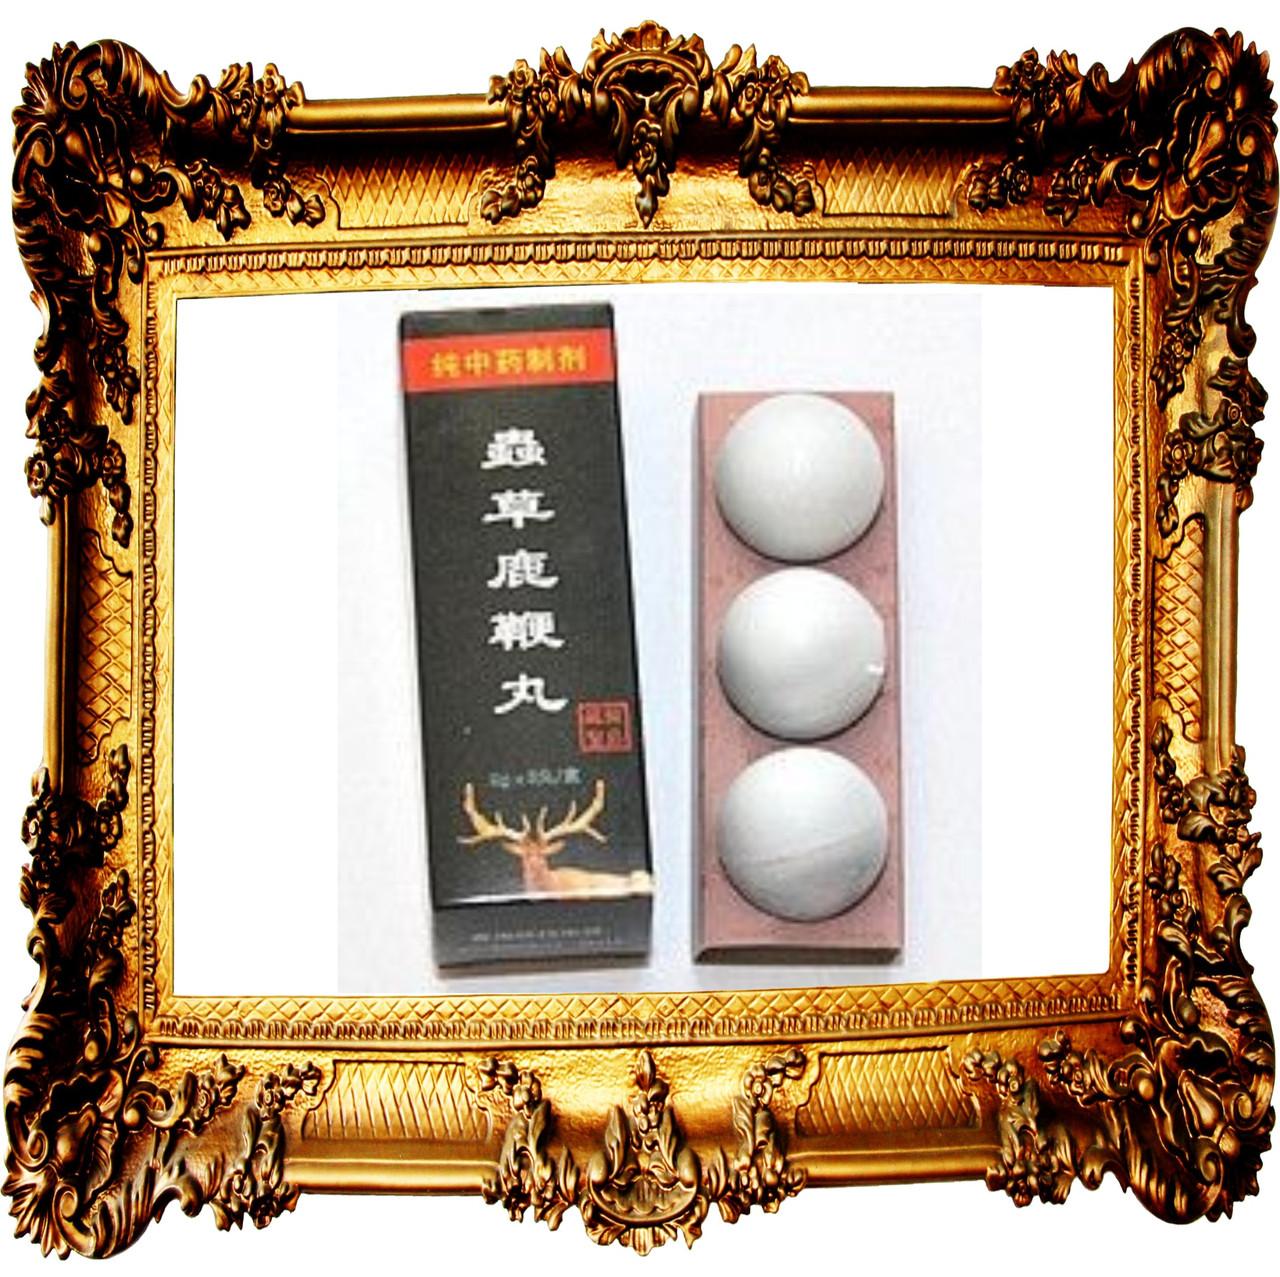 """Пилюли """"Лю Бьяньвань"""" - для повышения потенции и улучшения работы почек (18 пилюлей-шариков в упаковке)."""